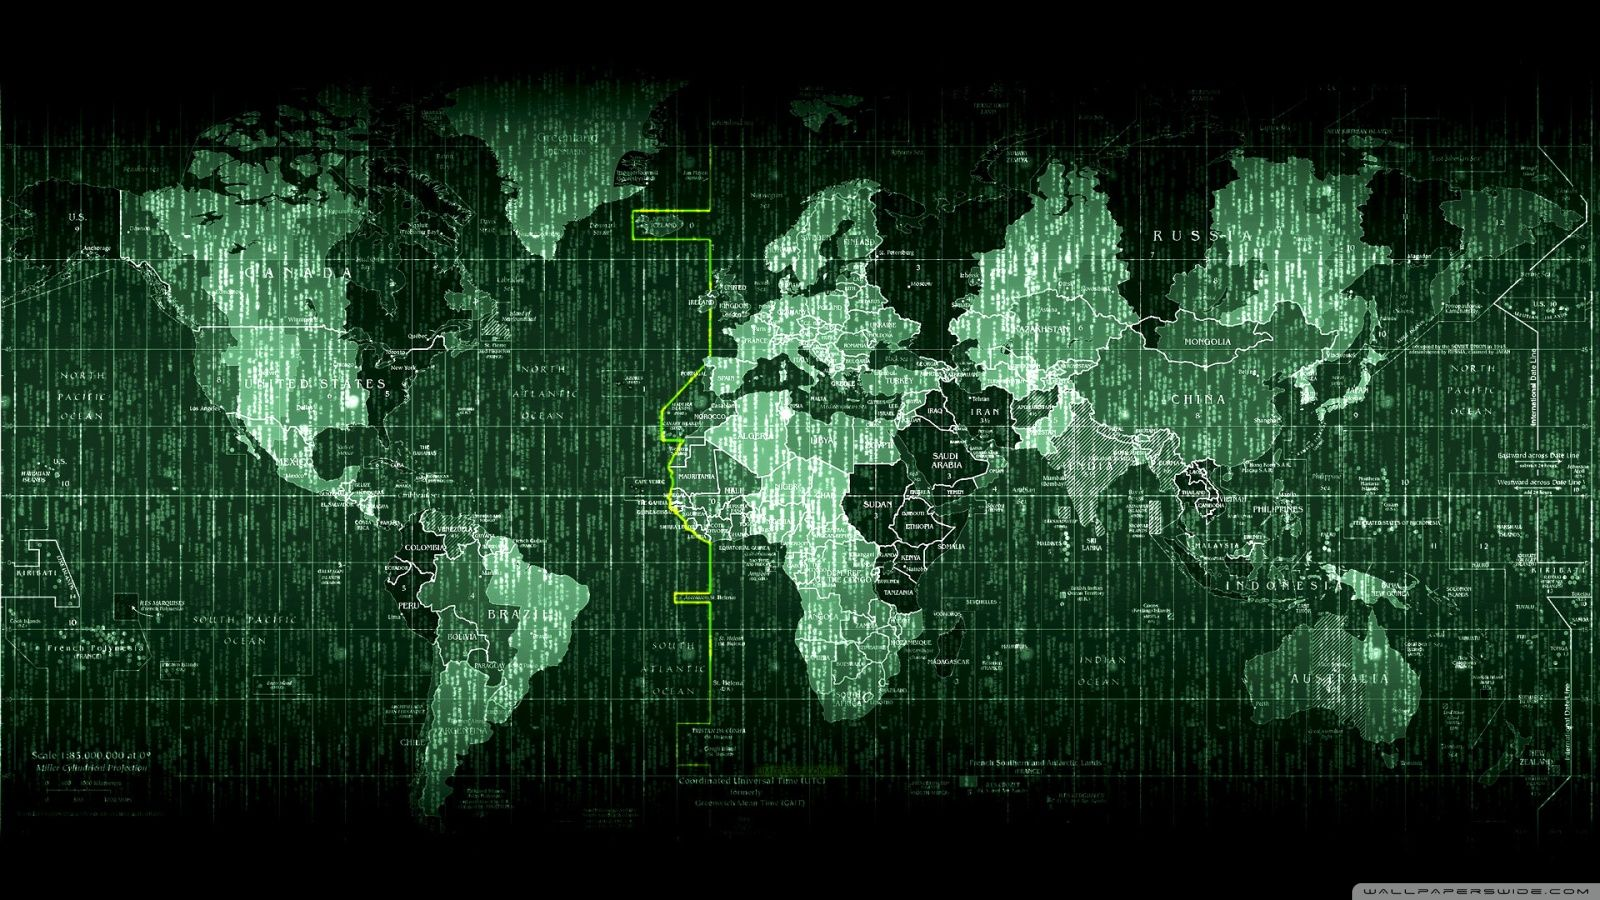 Matrix code world map hd desktop wallpaper high definition matrix code world map hd desktop wallpaper high definition gumiabroncs Gallery